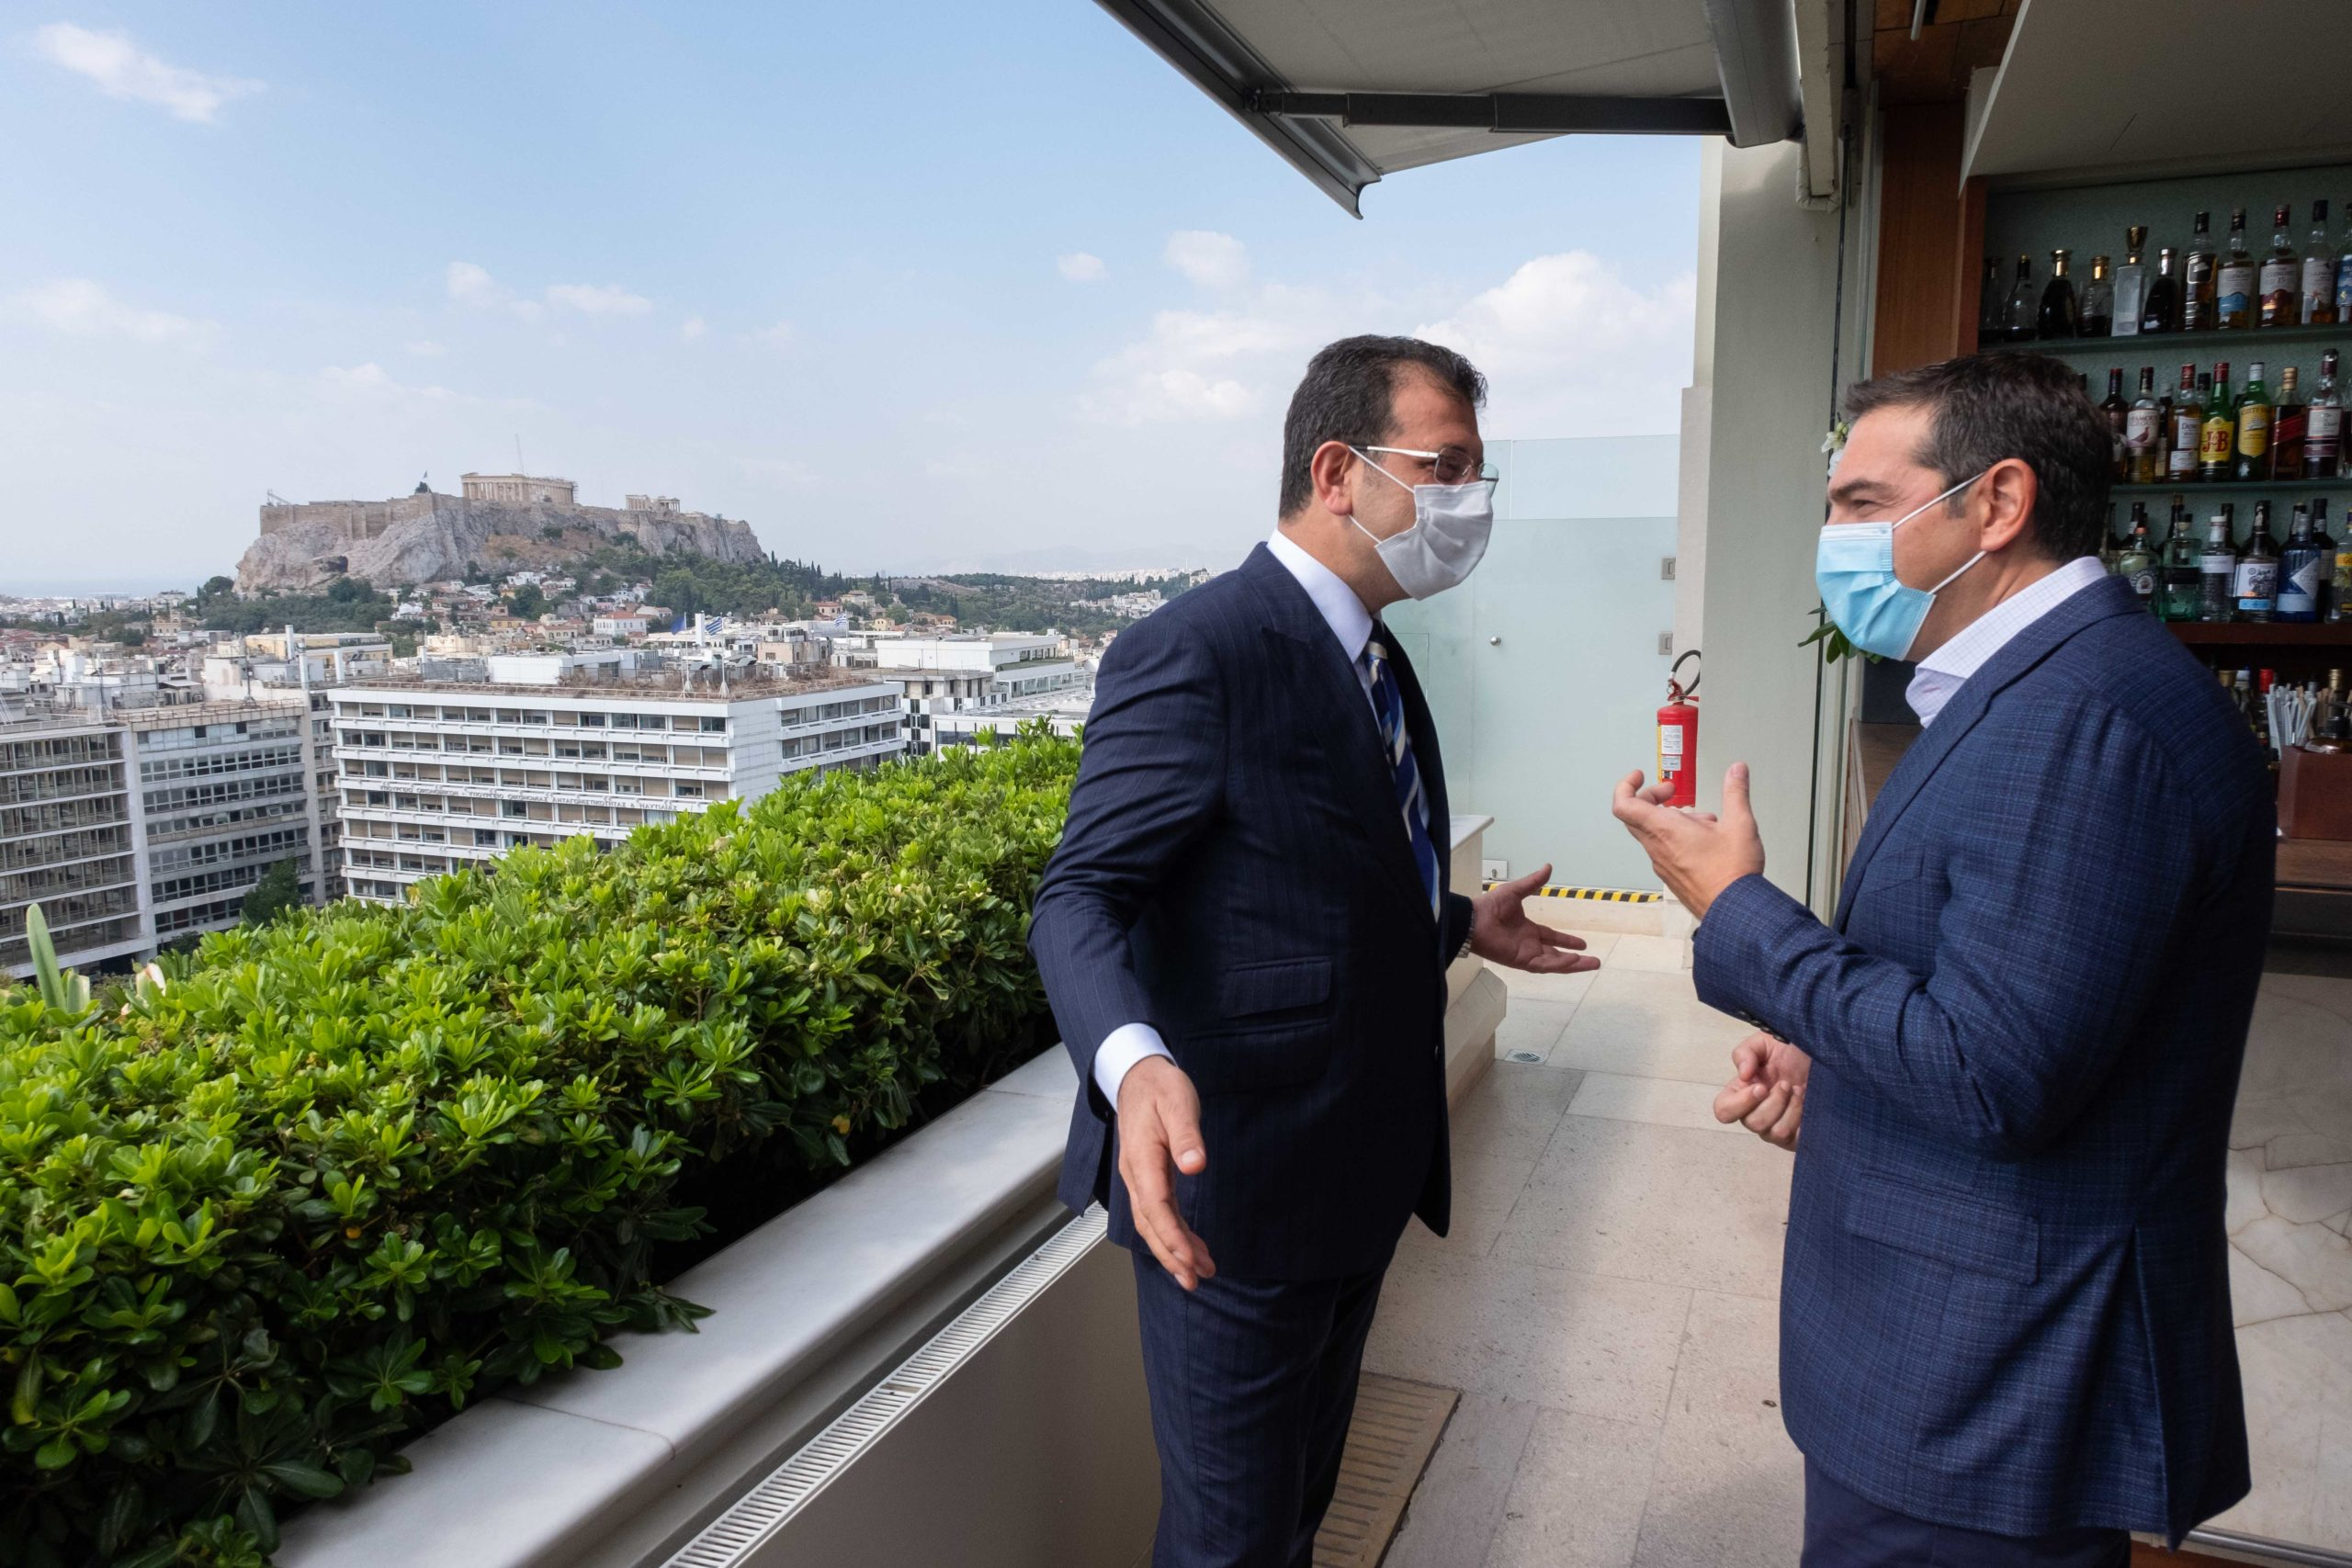 Ο Αλέξης Τσίπρας και ο δήμαρχος Κωνσταντινούπολης, Εκρέμ Ιμάμογλου